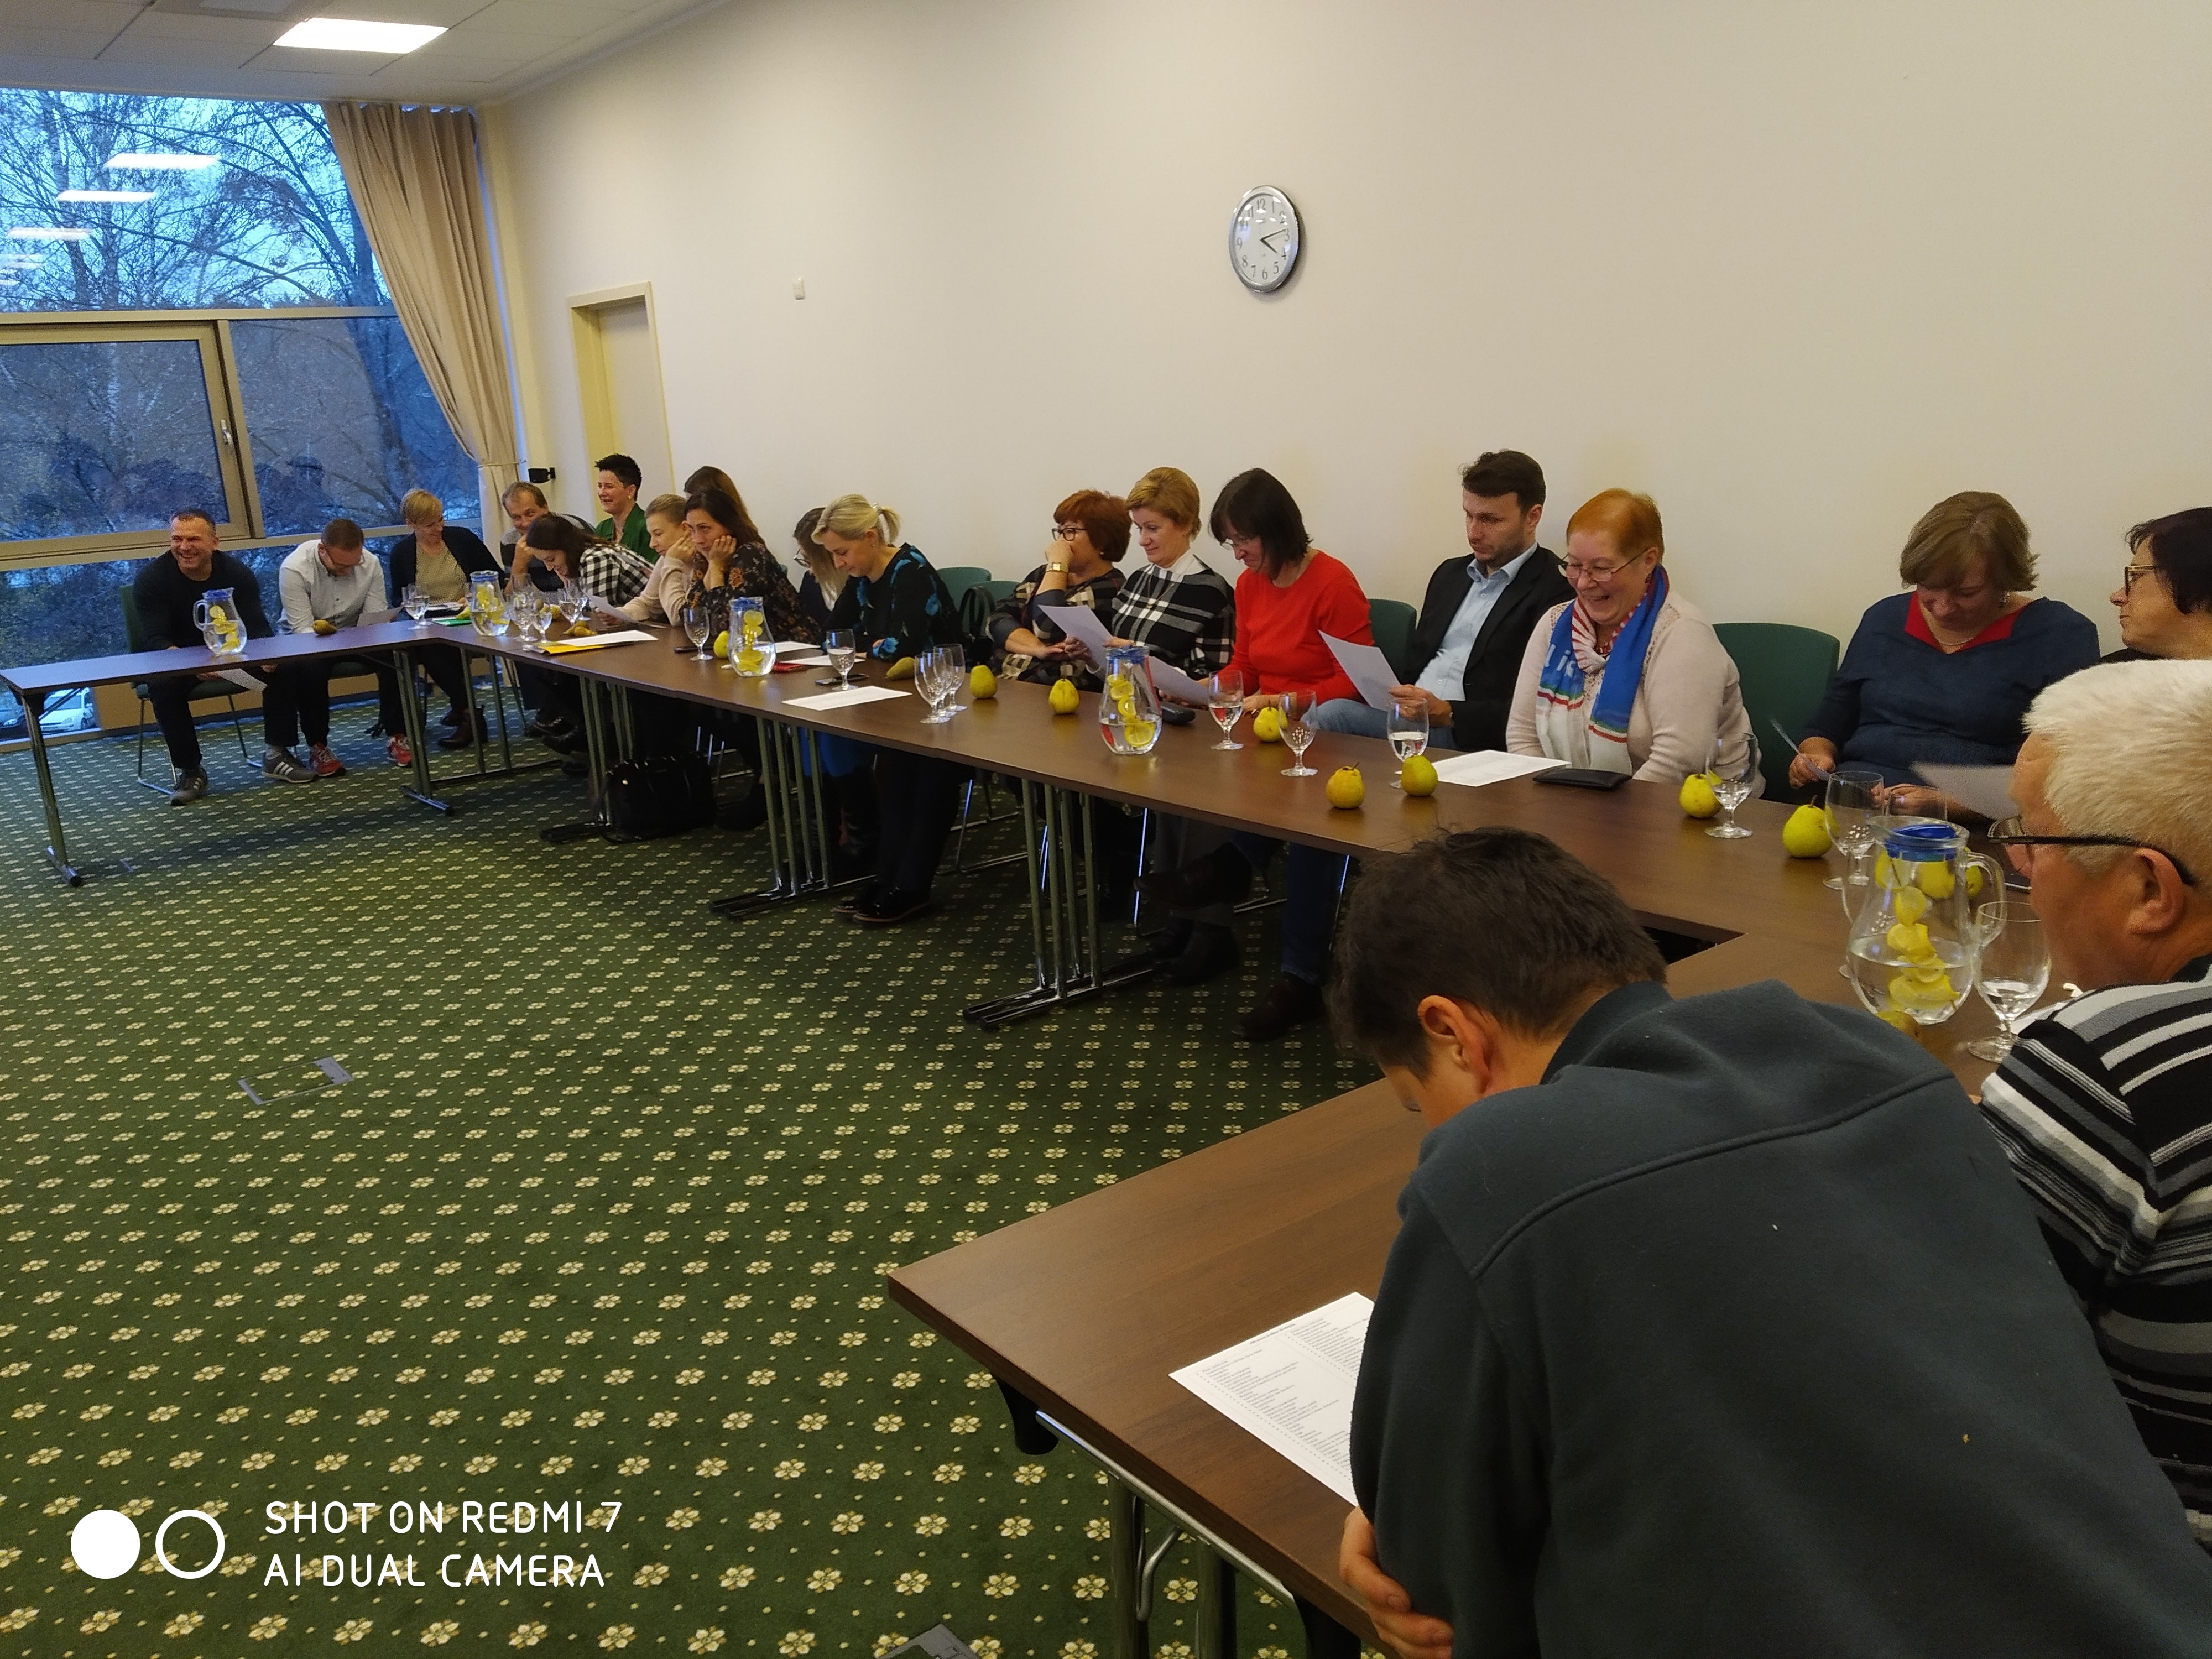 """Projektas """"Pasienio regiono partnerystės stiprinimas senėjimo ir socialinių paslaugų srityse"""" Nr. LT-PL-3R-253"""